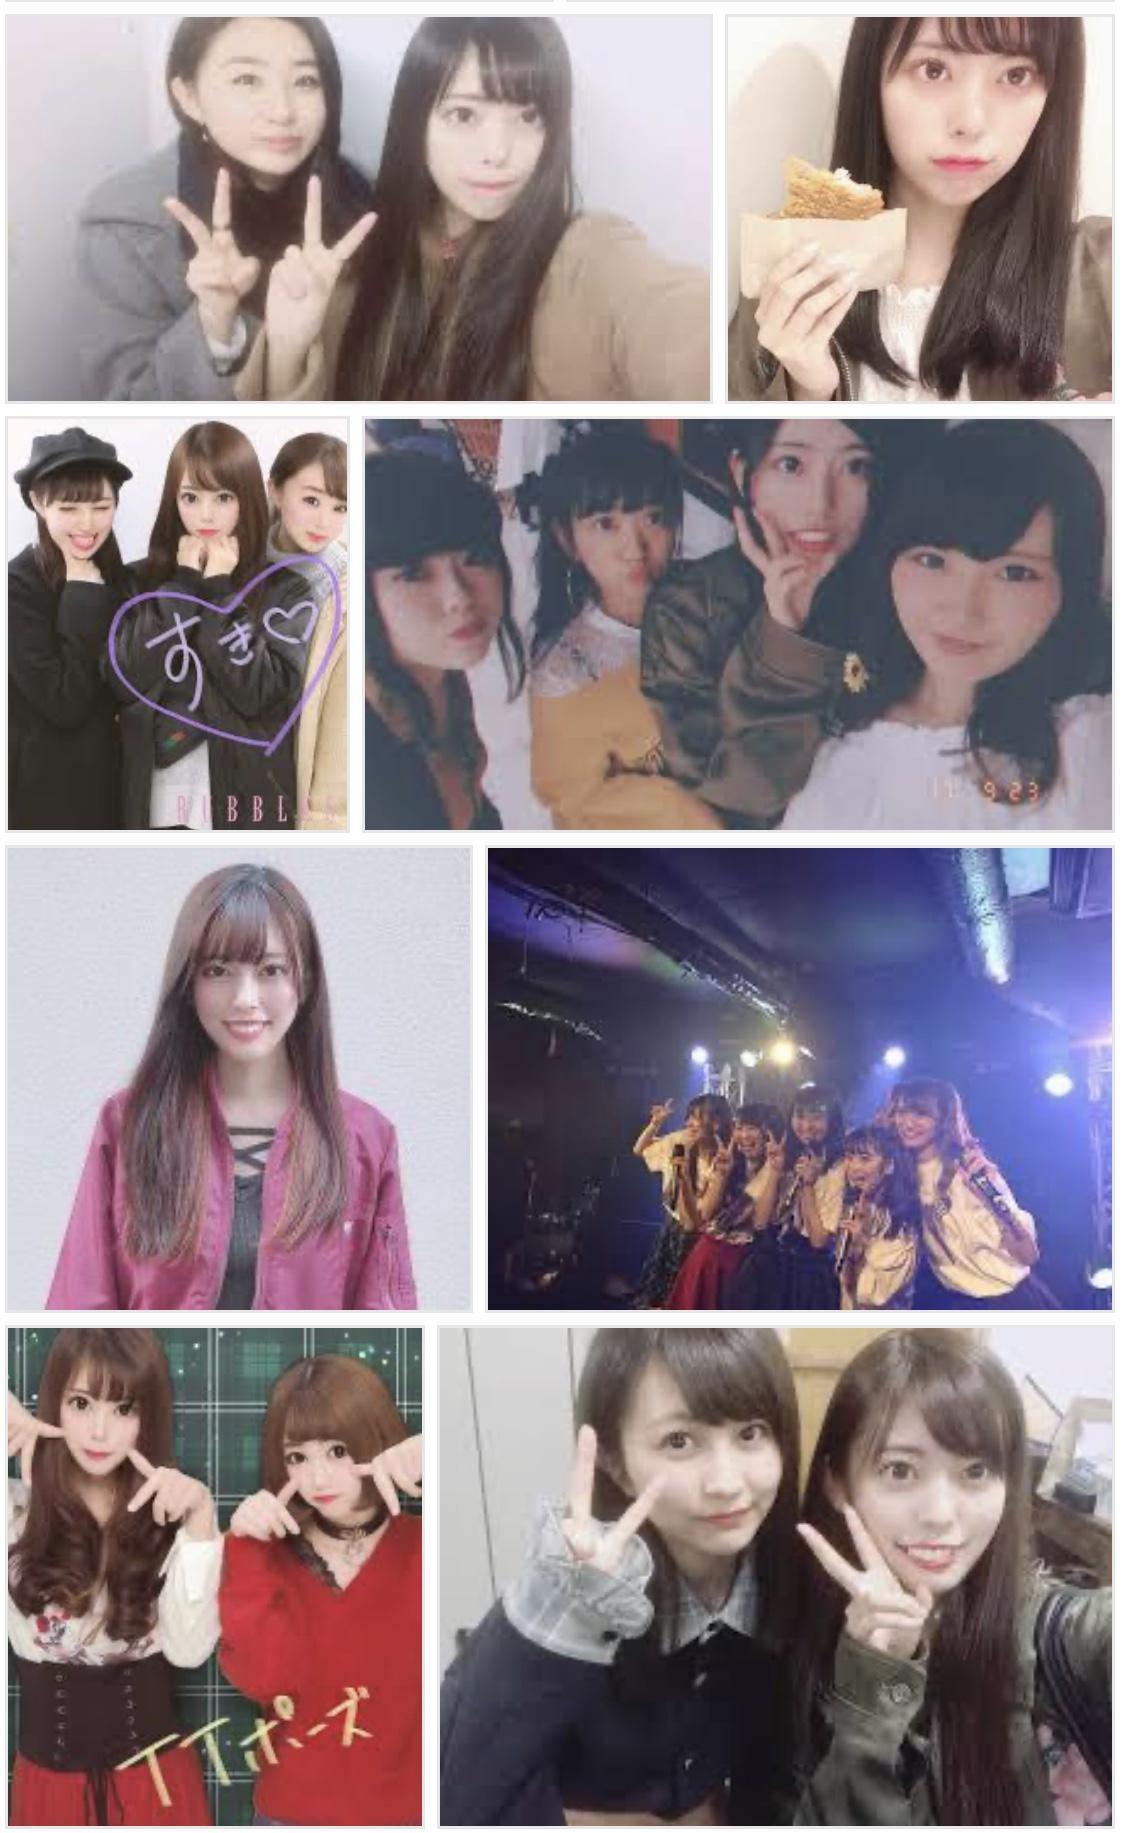 モンスターアイドル アイカ インスタグラム